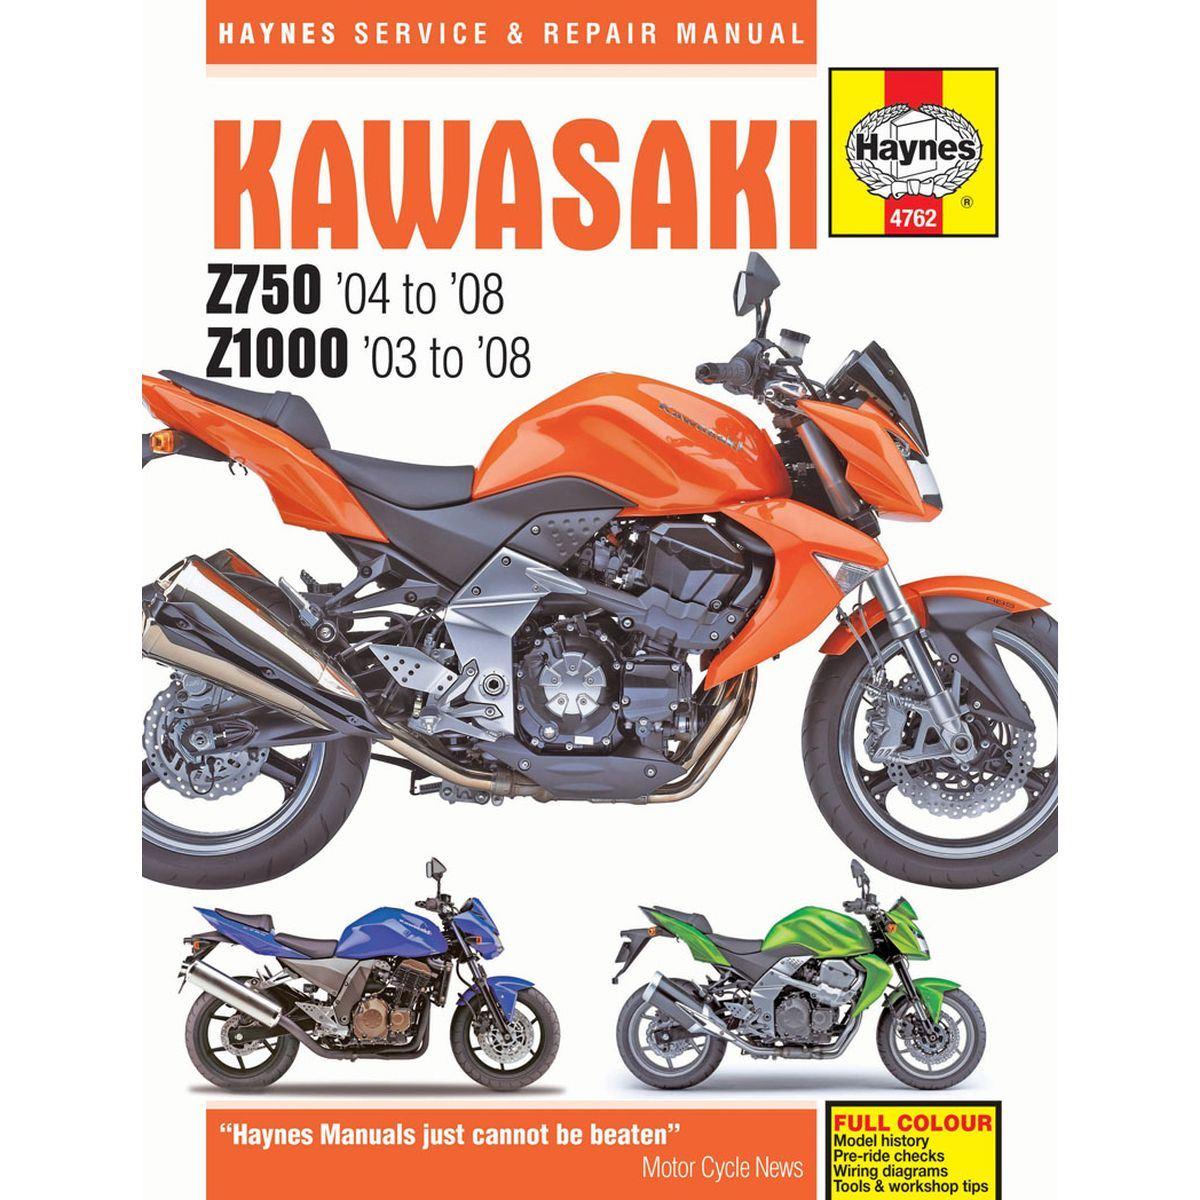 Manual Haynes for 2006 Kawasaki Z 750 S (ZR750K6F)